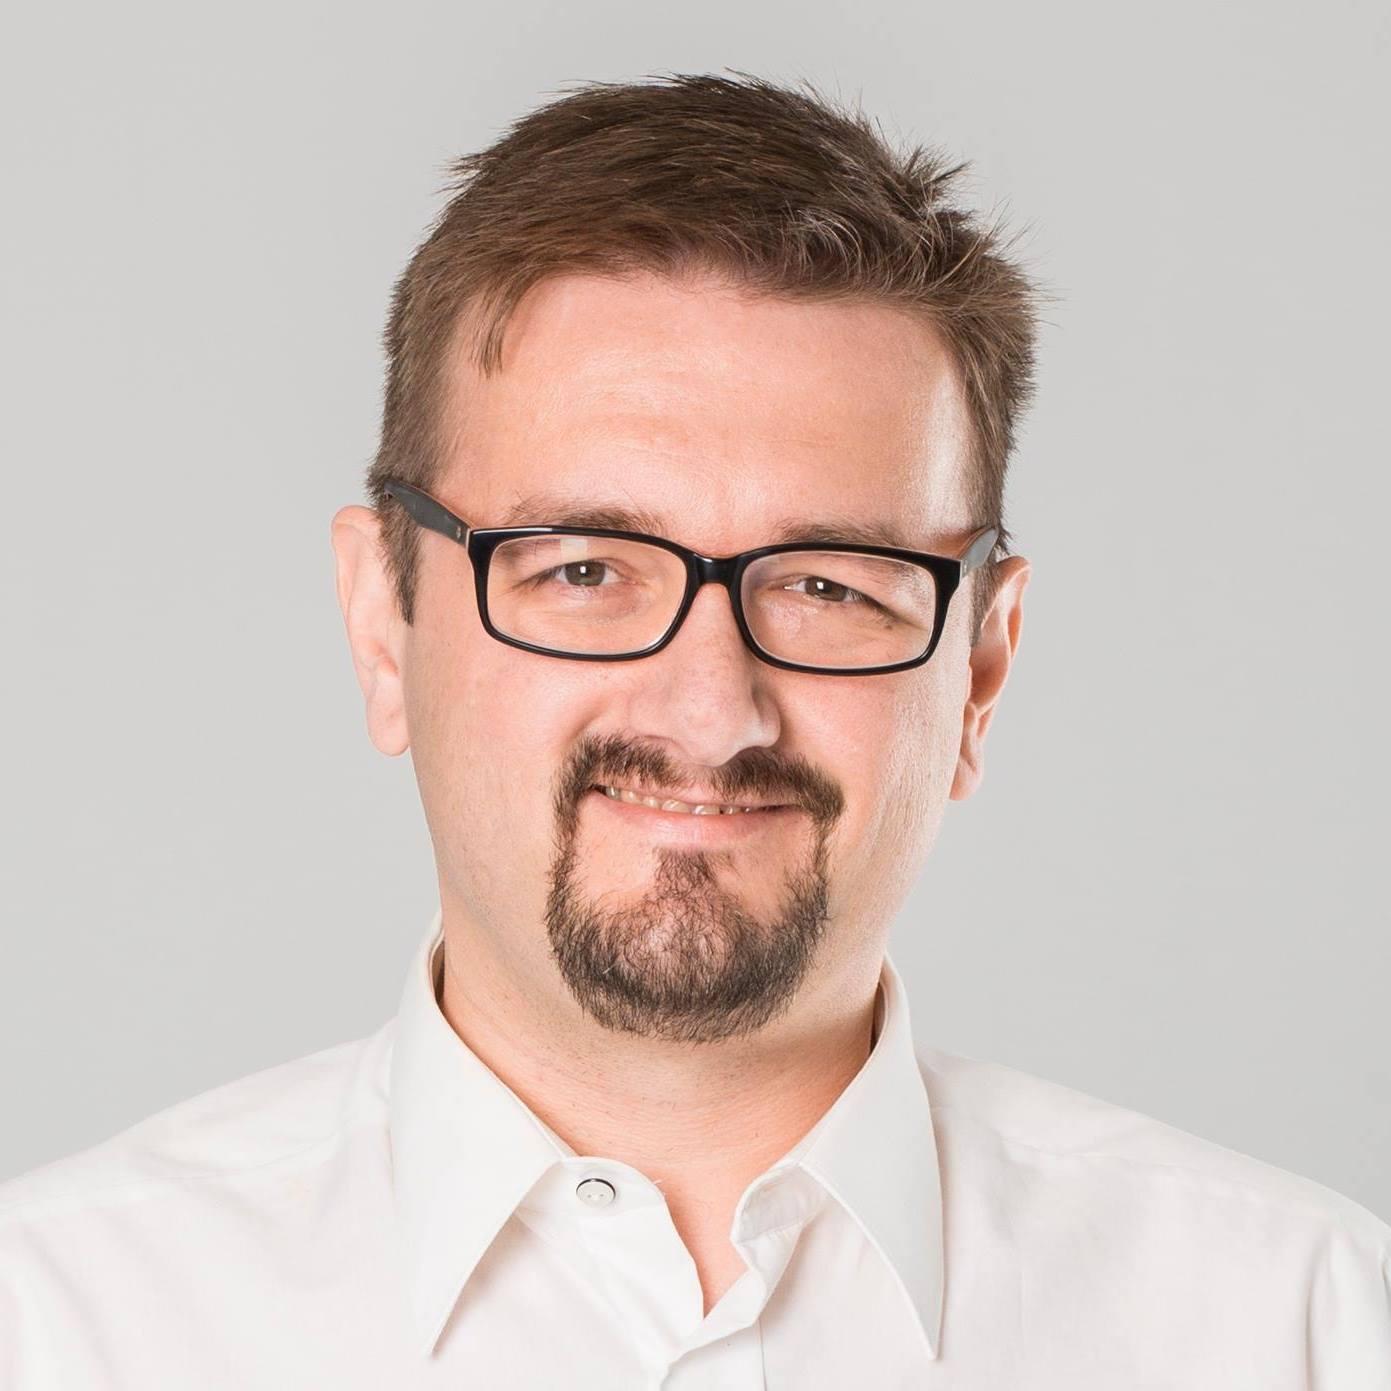 Paweł Szynkiewicz